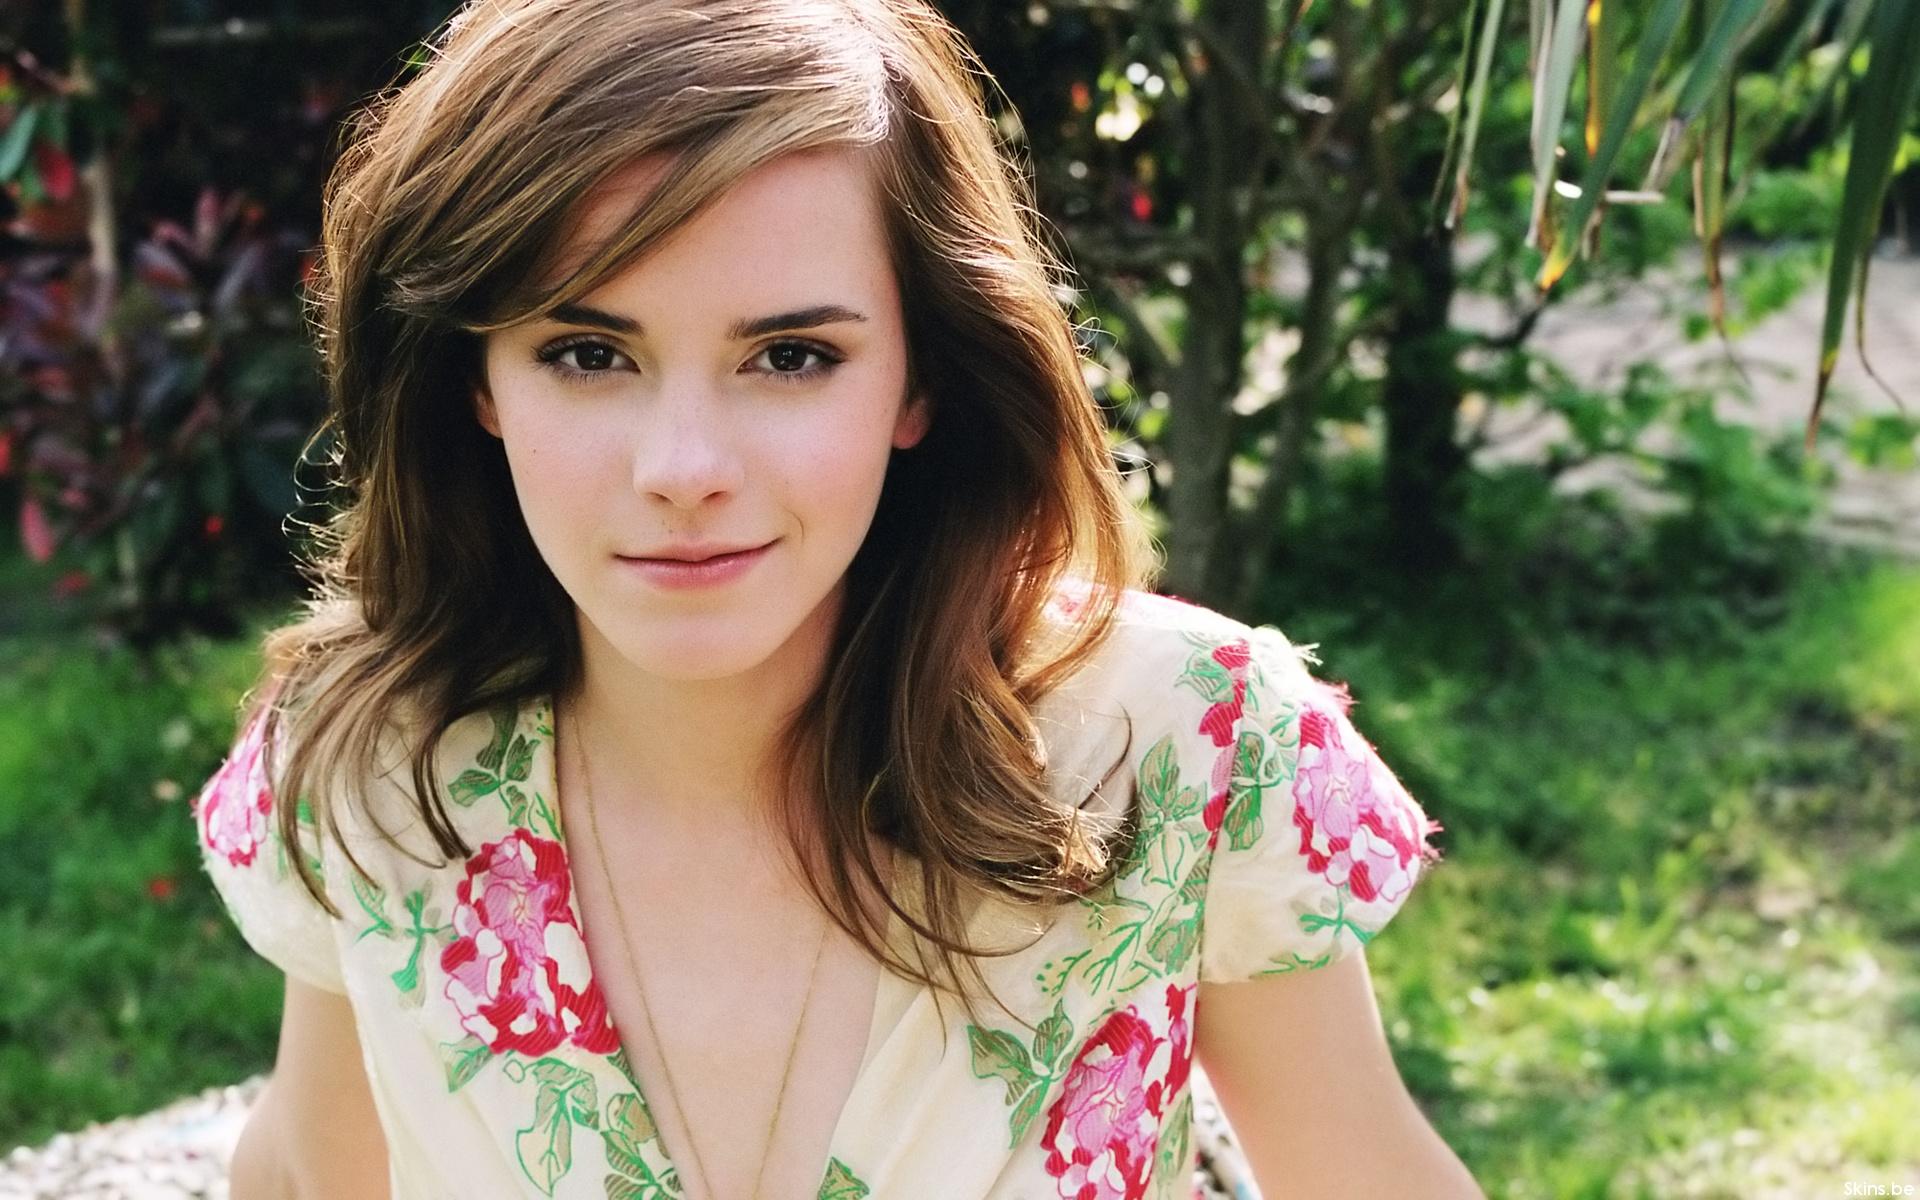 La actriz Emma Watson - 1920x1200